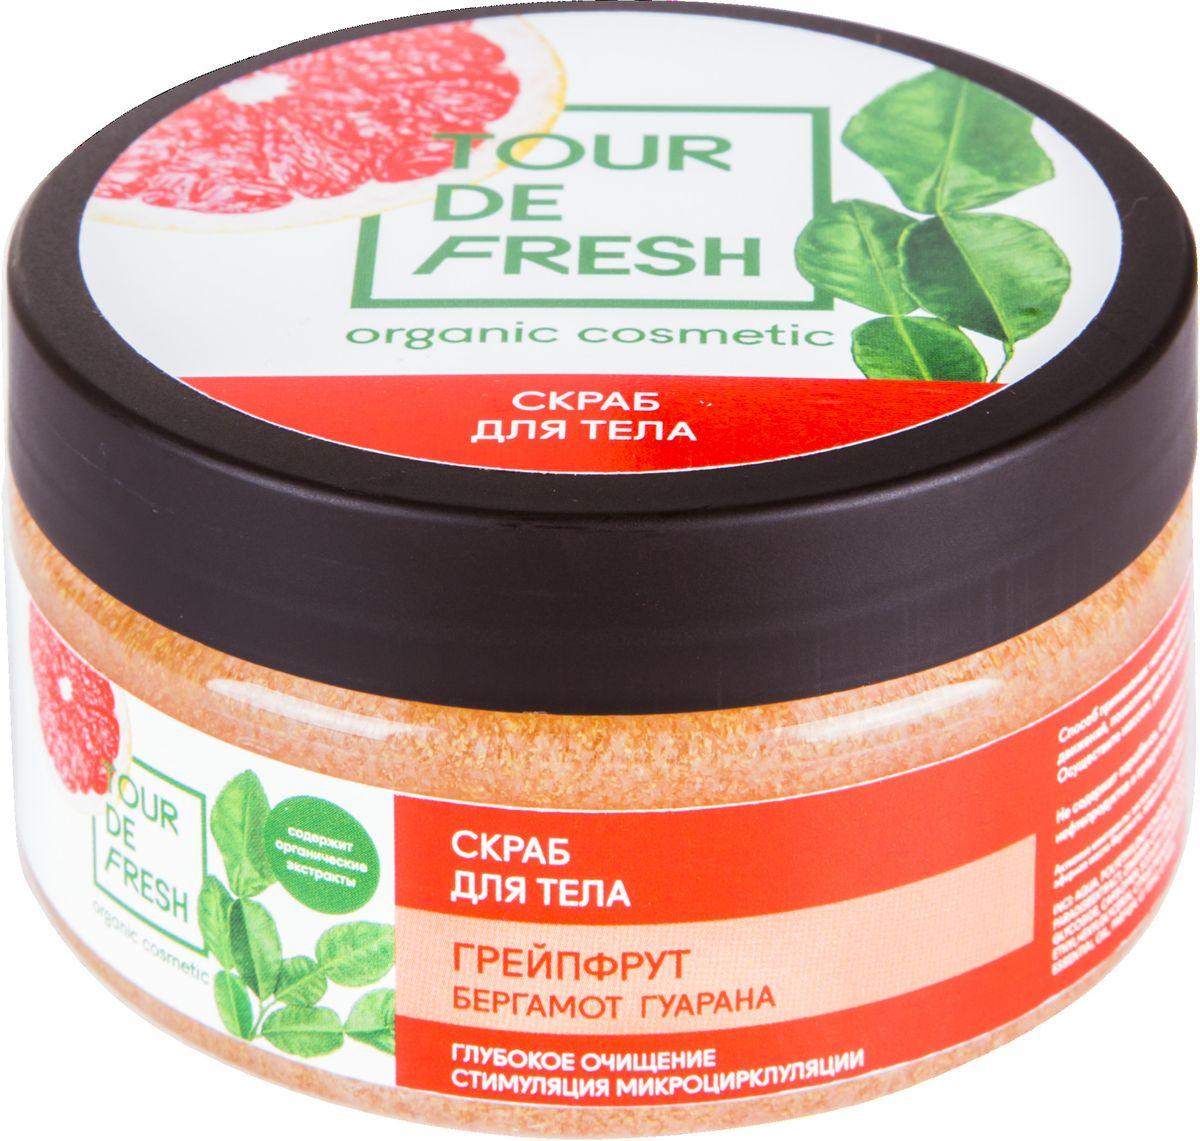 Tour De Fresh Скраб для тела Бергамот, грейпфрут и гуарана, 200 млУФ000000010Инновационный скраб для тела с экстрактом гуараны способствует уменьшению жировых отложений, обладает выраженным антицеллюлитным и противоотёчным действием. Кофеин – основной действующий компонент гуараны замедляет процесс старения кожи, уменьшает дряблость и повышает тонус. Органические вещества, минералы и витамины в составе грейпфрута оказывают комплексное воздействие на кожу, возвращая ей свежесть, мягкость и упругость. Экстракт бергамота сужает поры, нормализует работу потовых желез и снимает усталость.